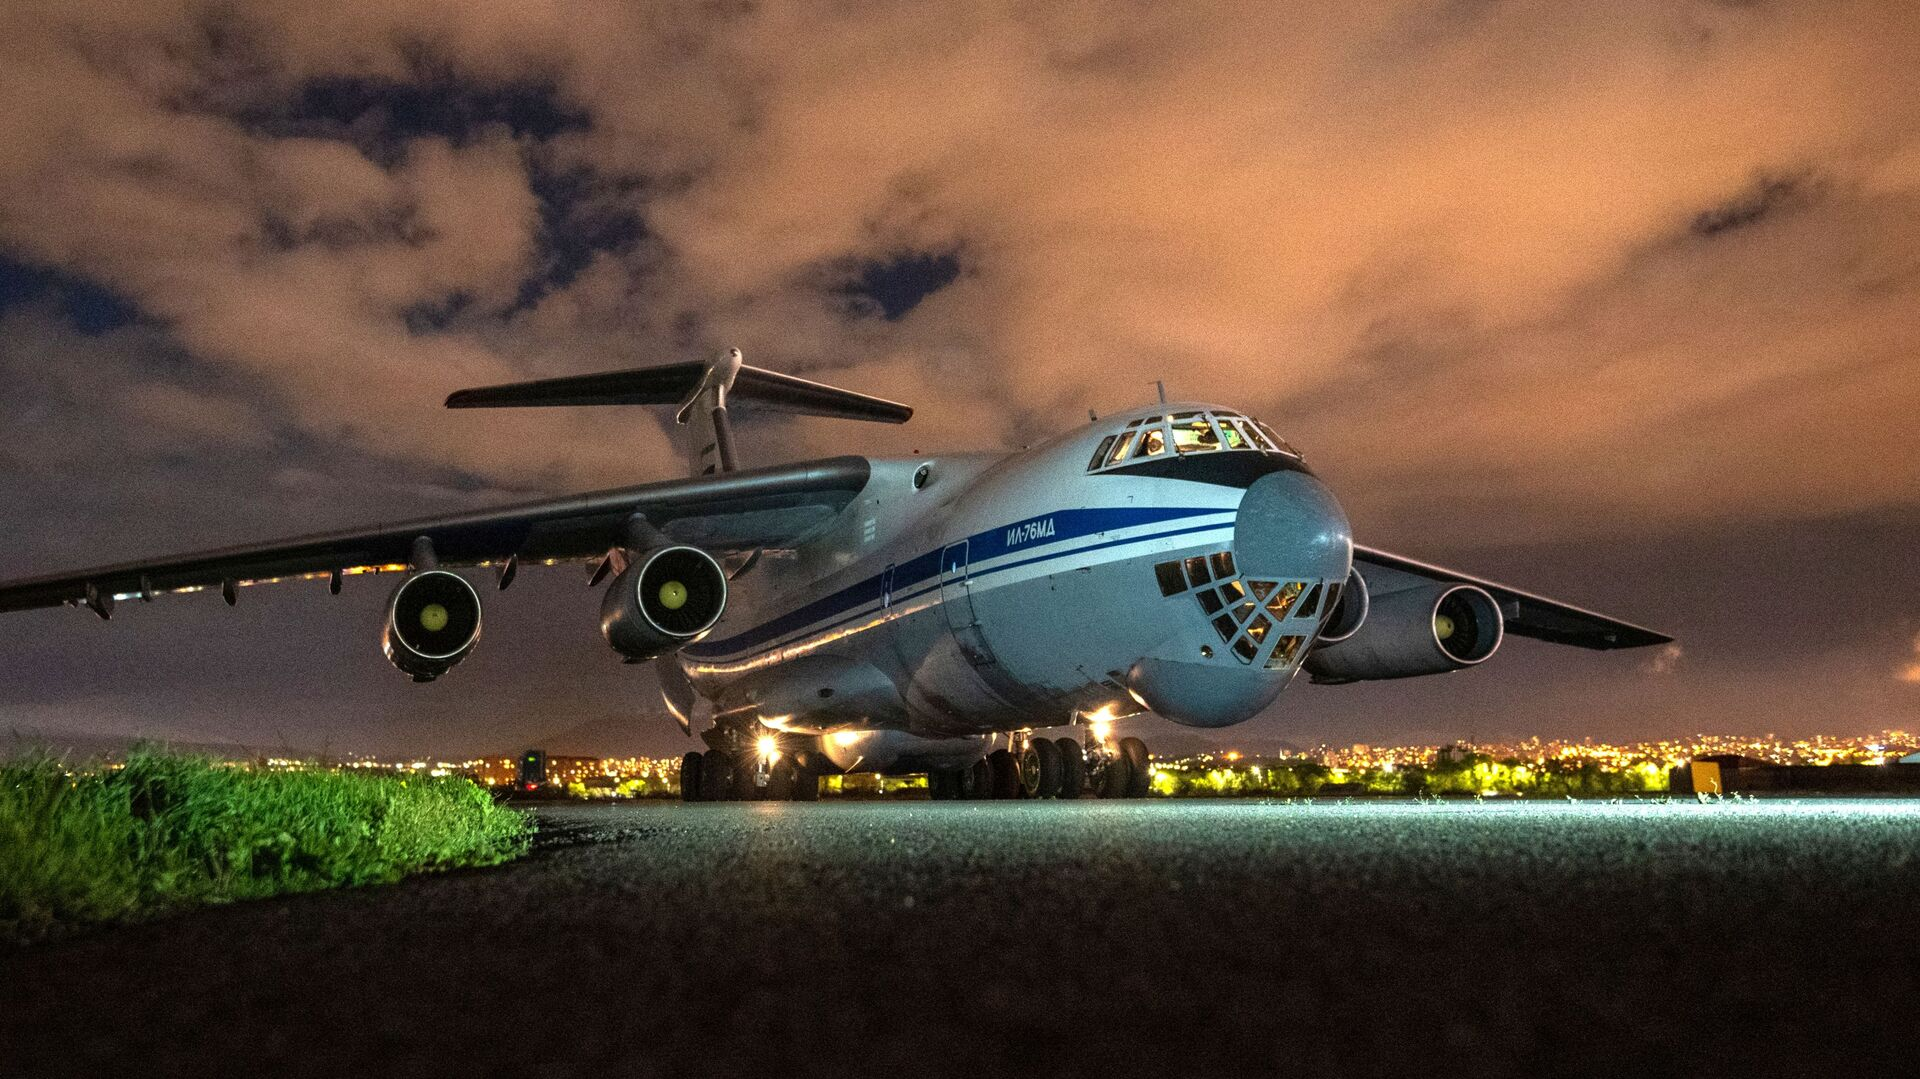 Samolot transportowy Sił Powietrzno-Kosmicznych Rosji Ił-76 z pomocą humanitarną  - Sputnik Polska, 1920, 10.08.2021